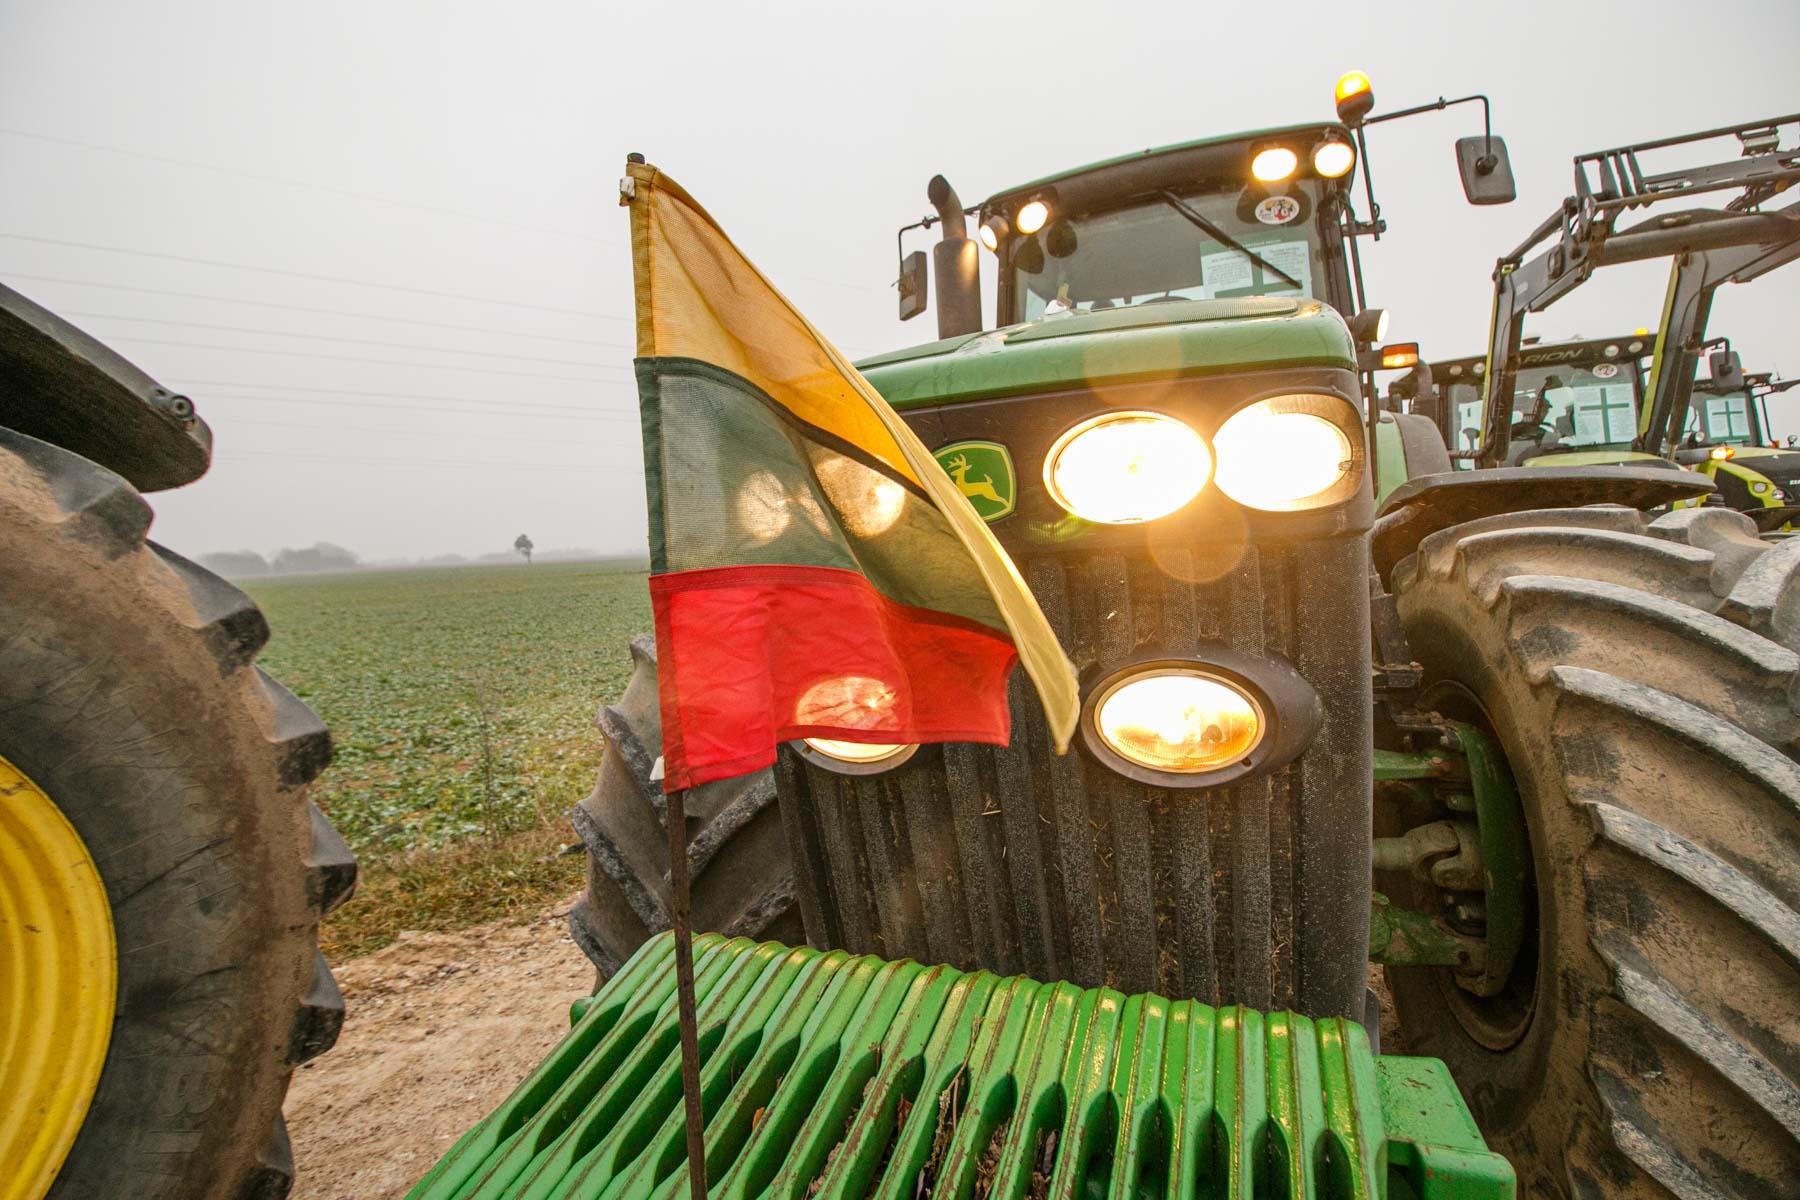 Mano ūkis - Maksimaliai padidinkite srutų teikiamą naudą